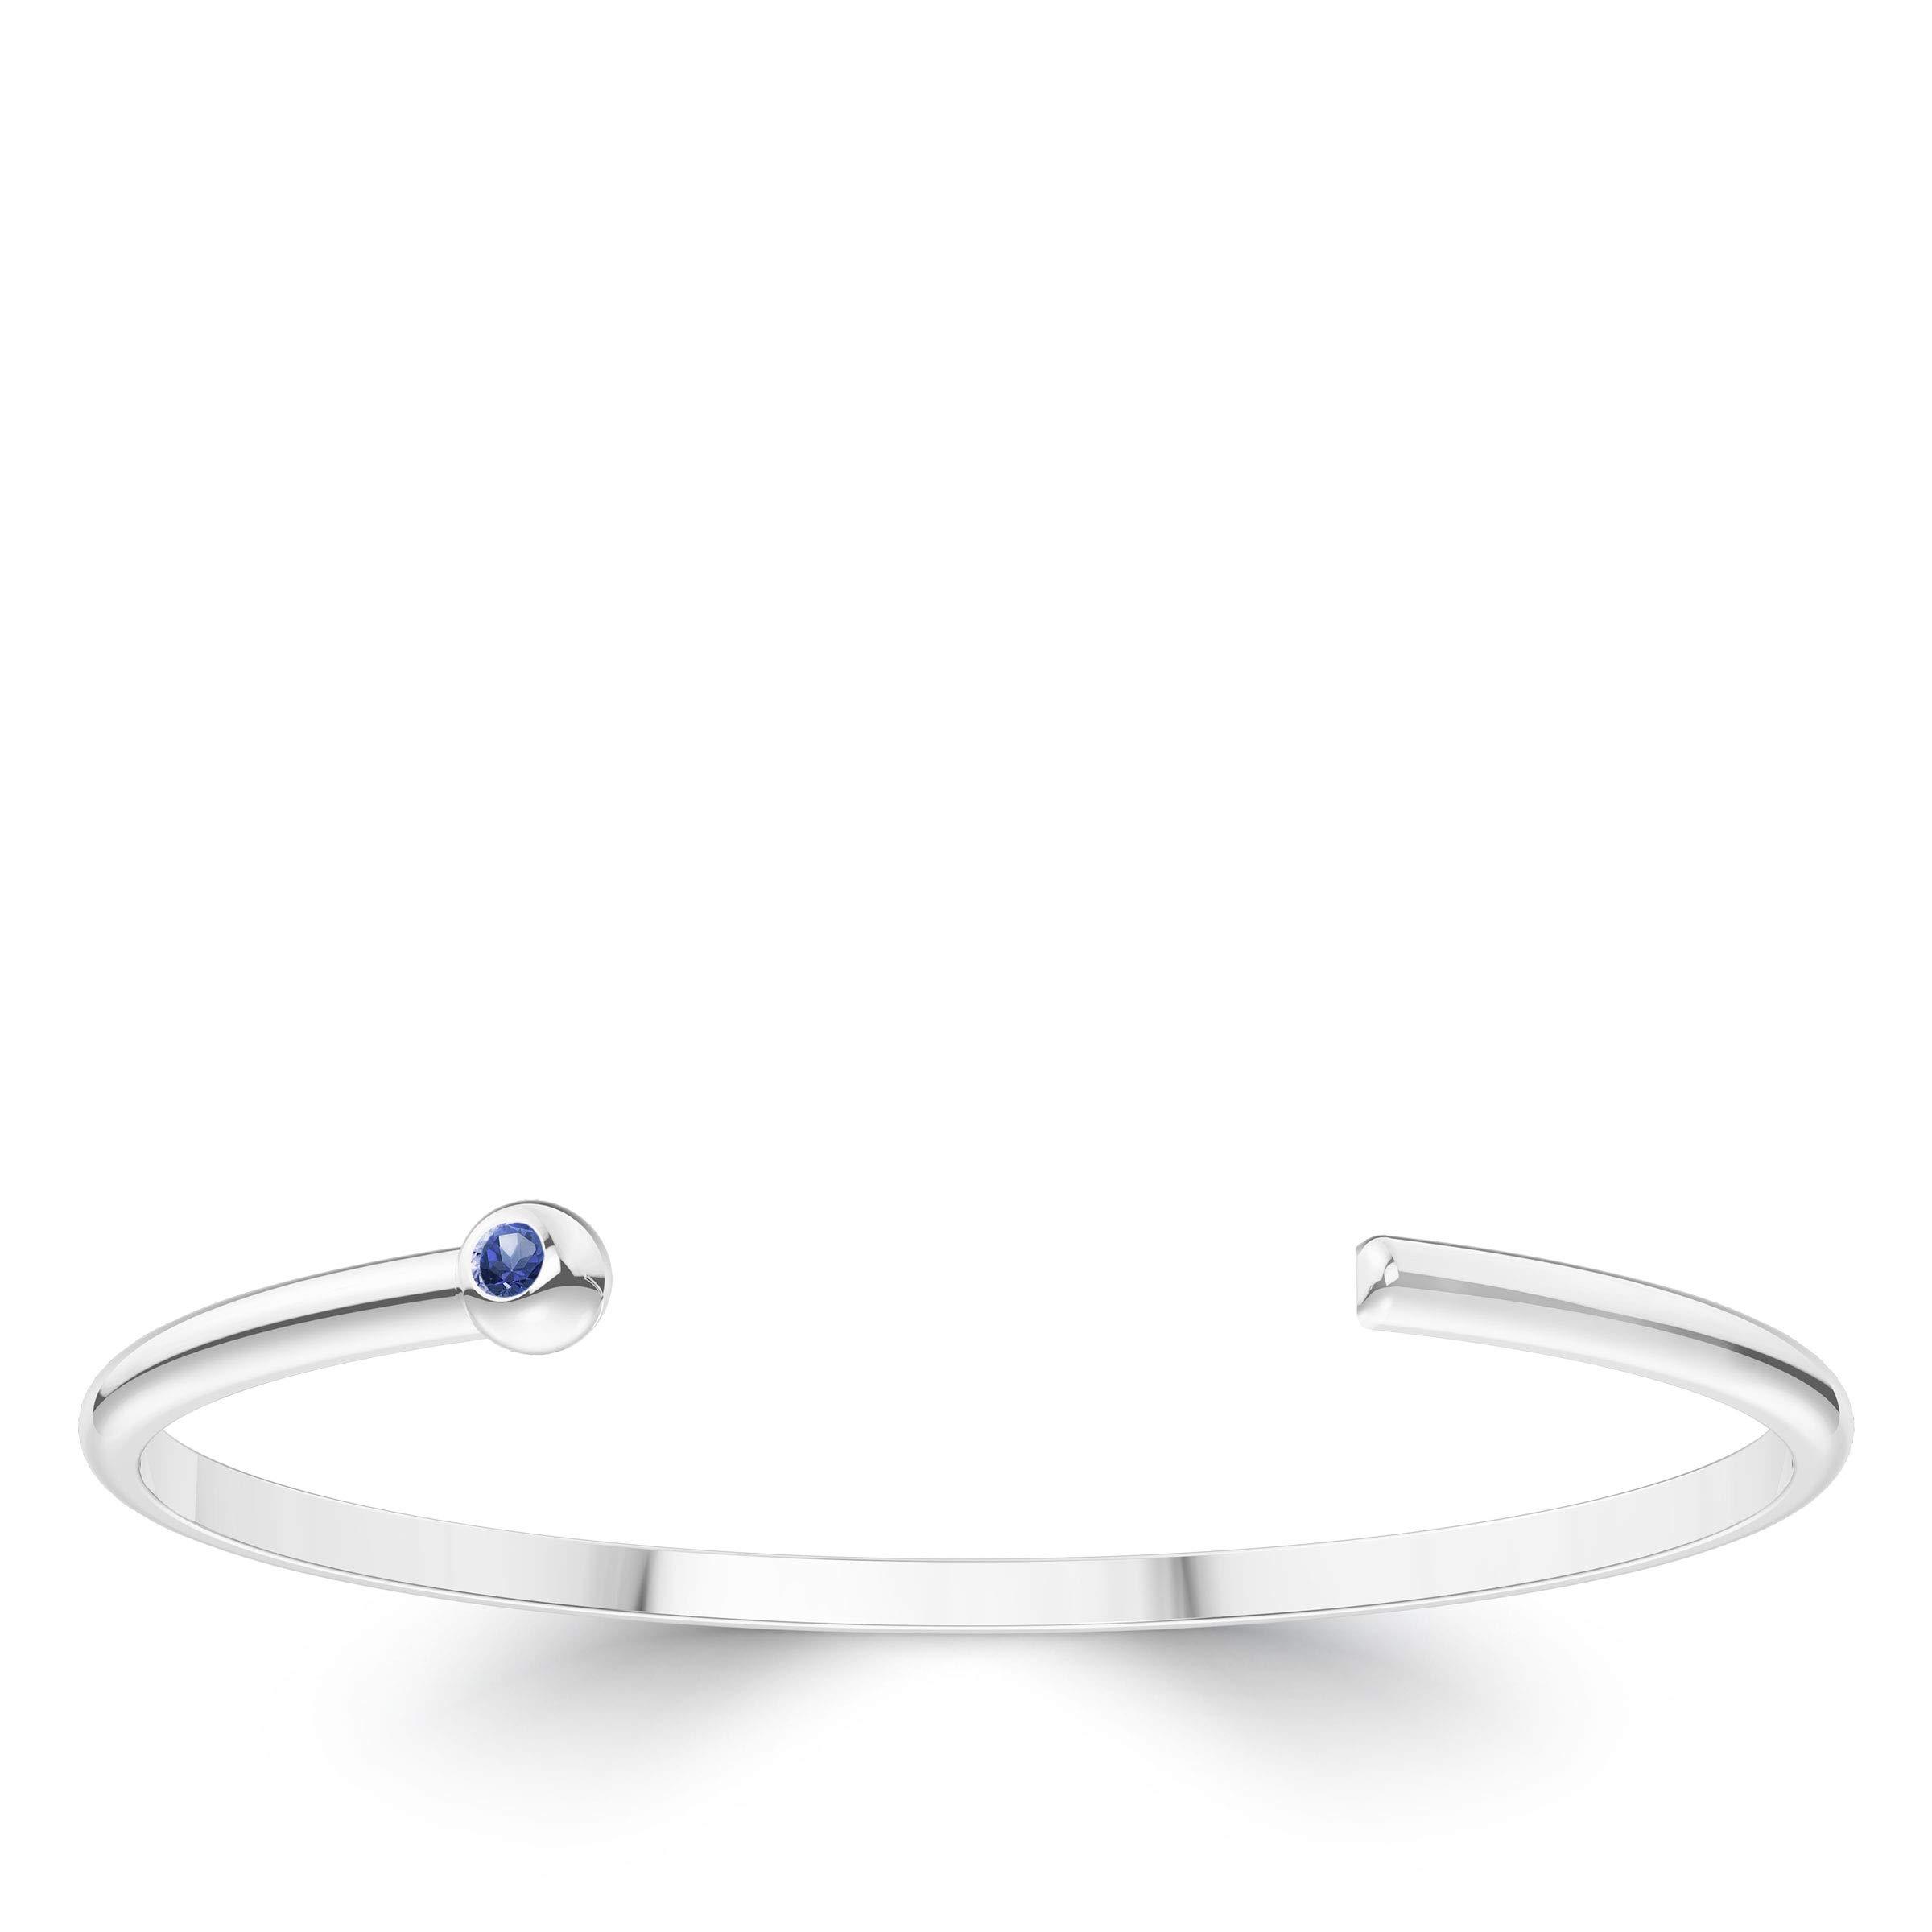 Gumdrop Sapphire Cuff Bracelet in Sterling Silver by Bixler